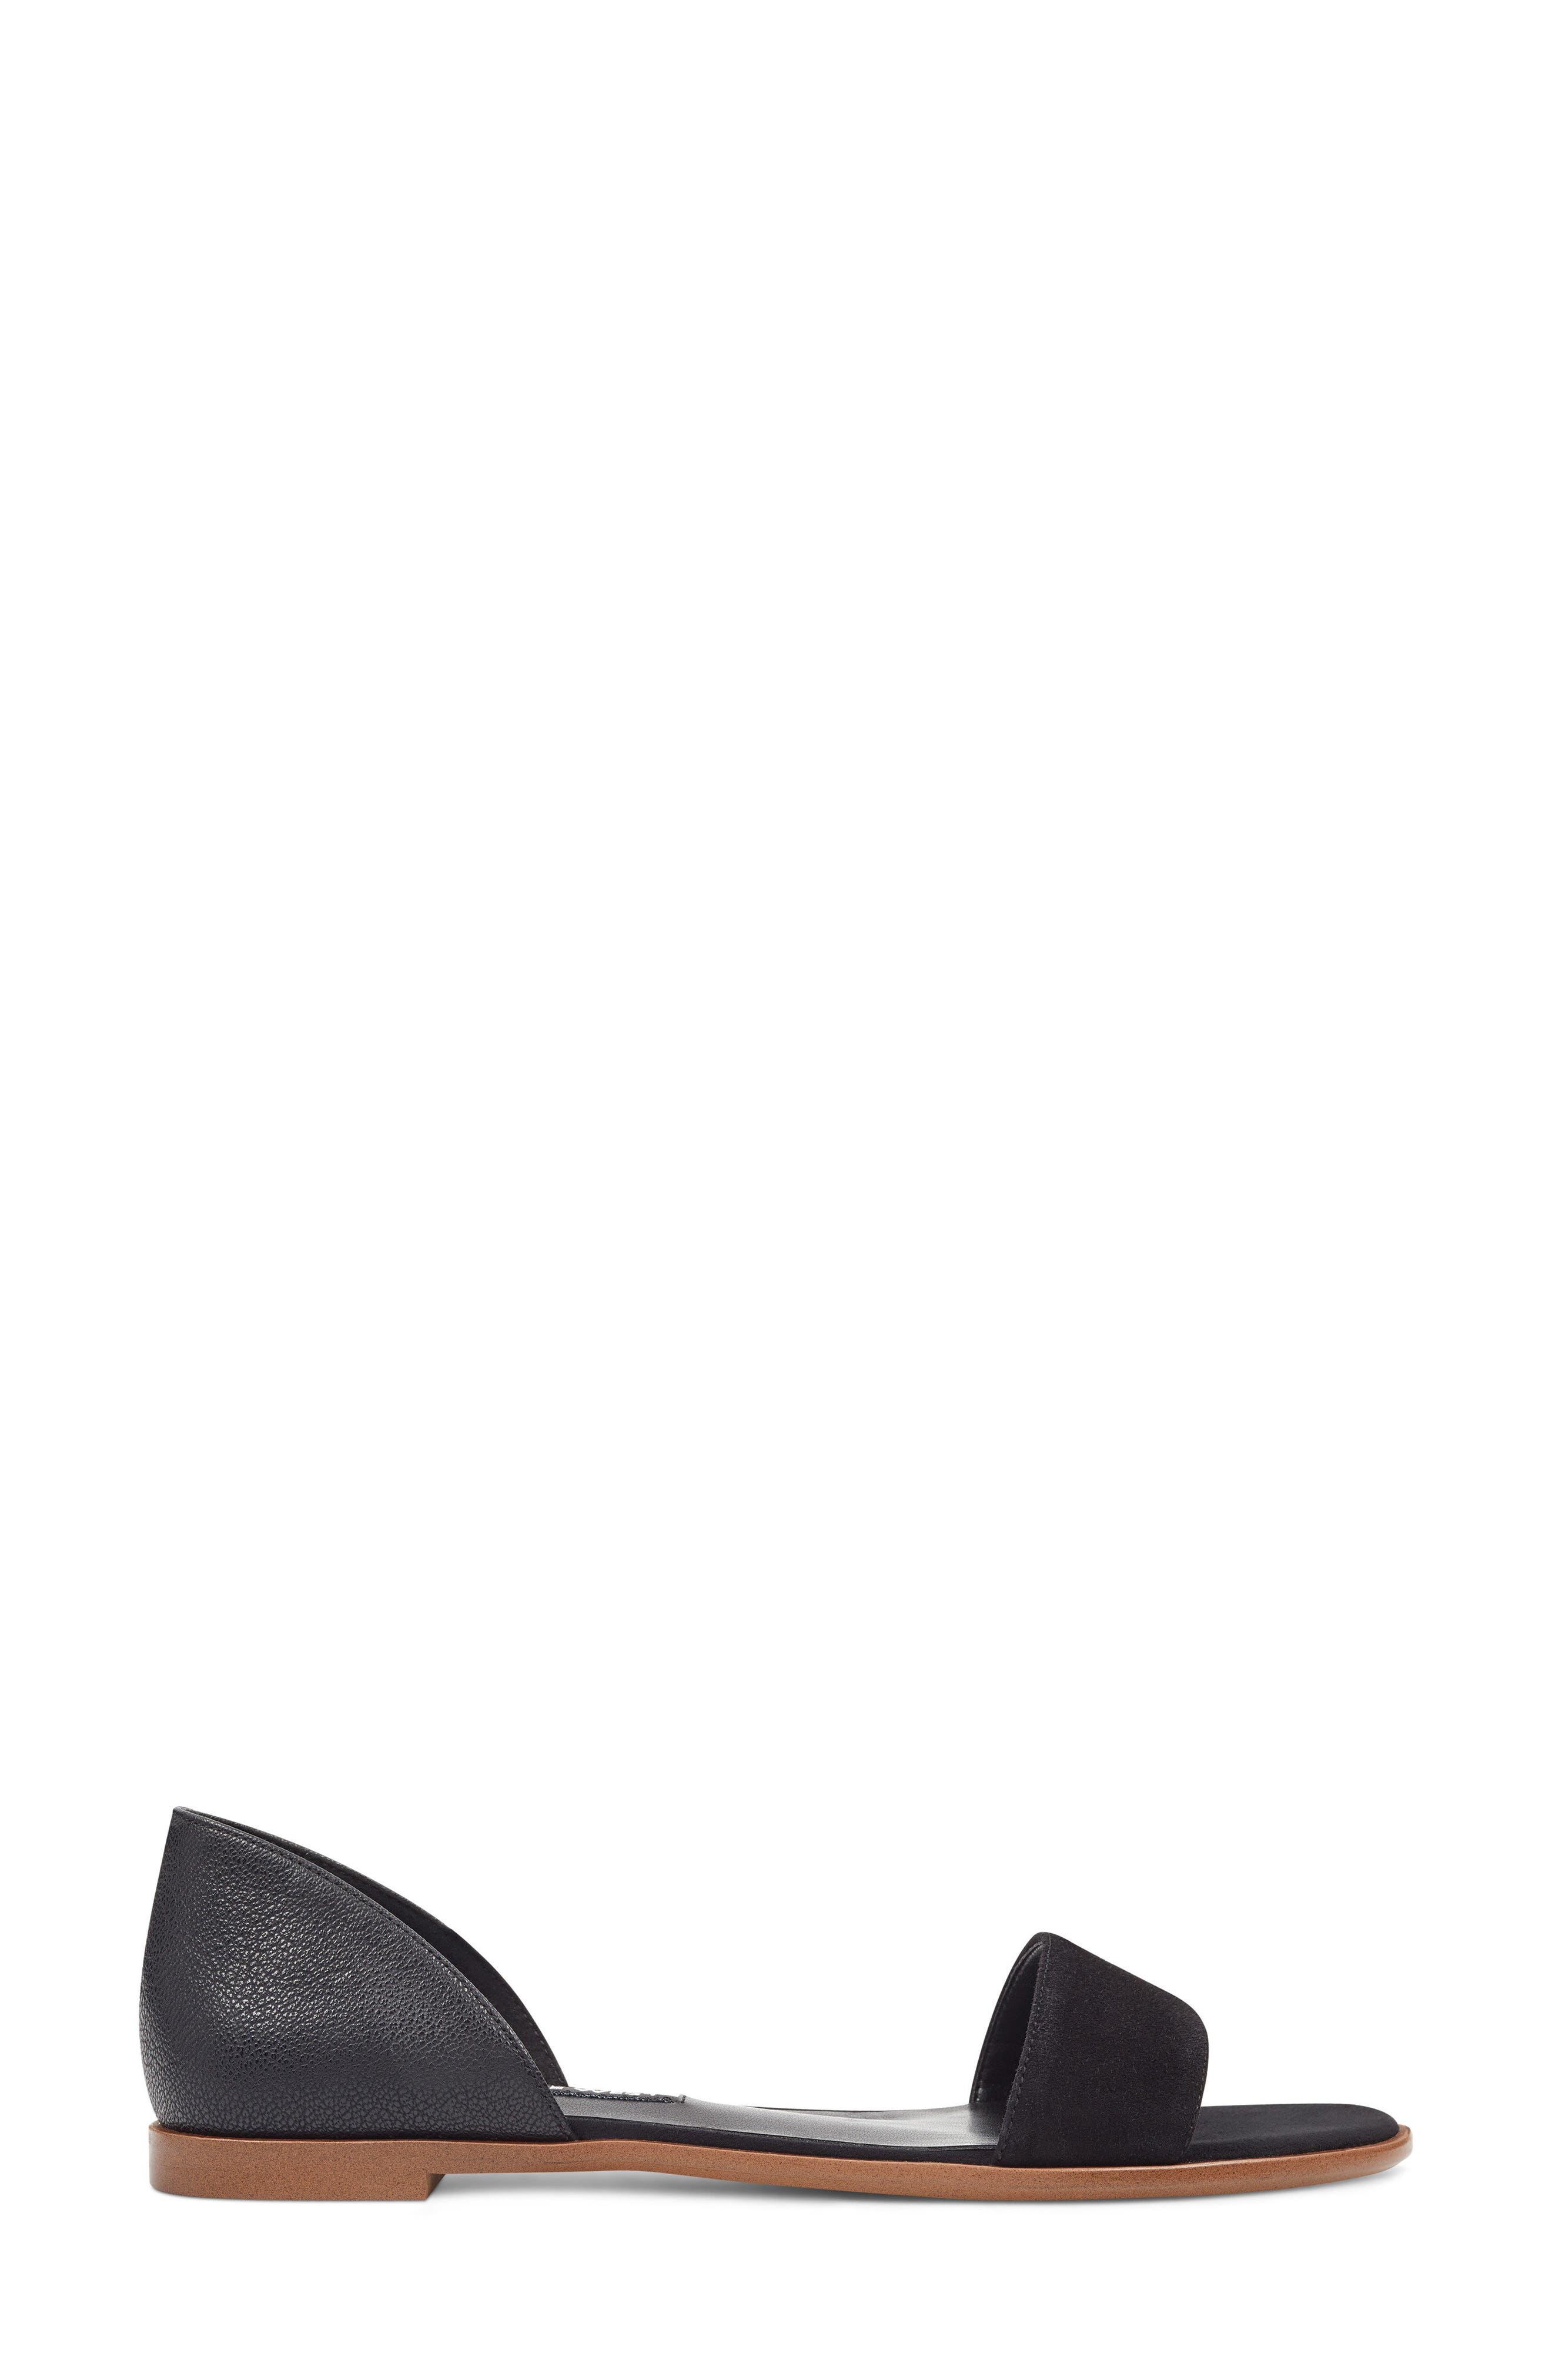 Maris Sandal,                             Alternate thumbnail 3, color,                             Black/ Black Leather